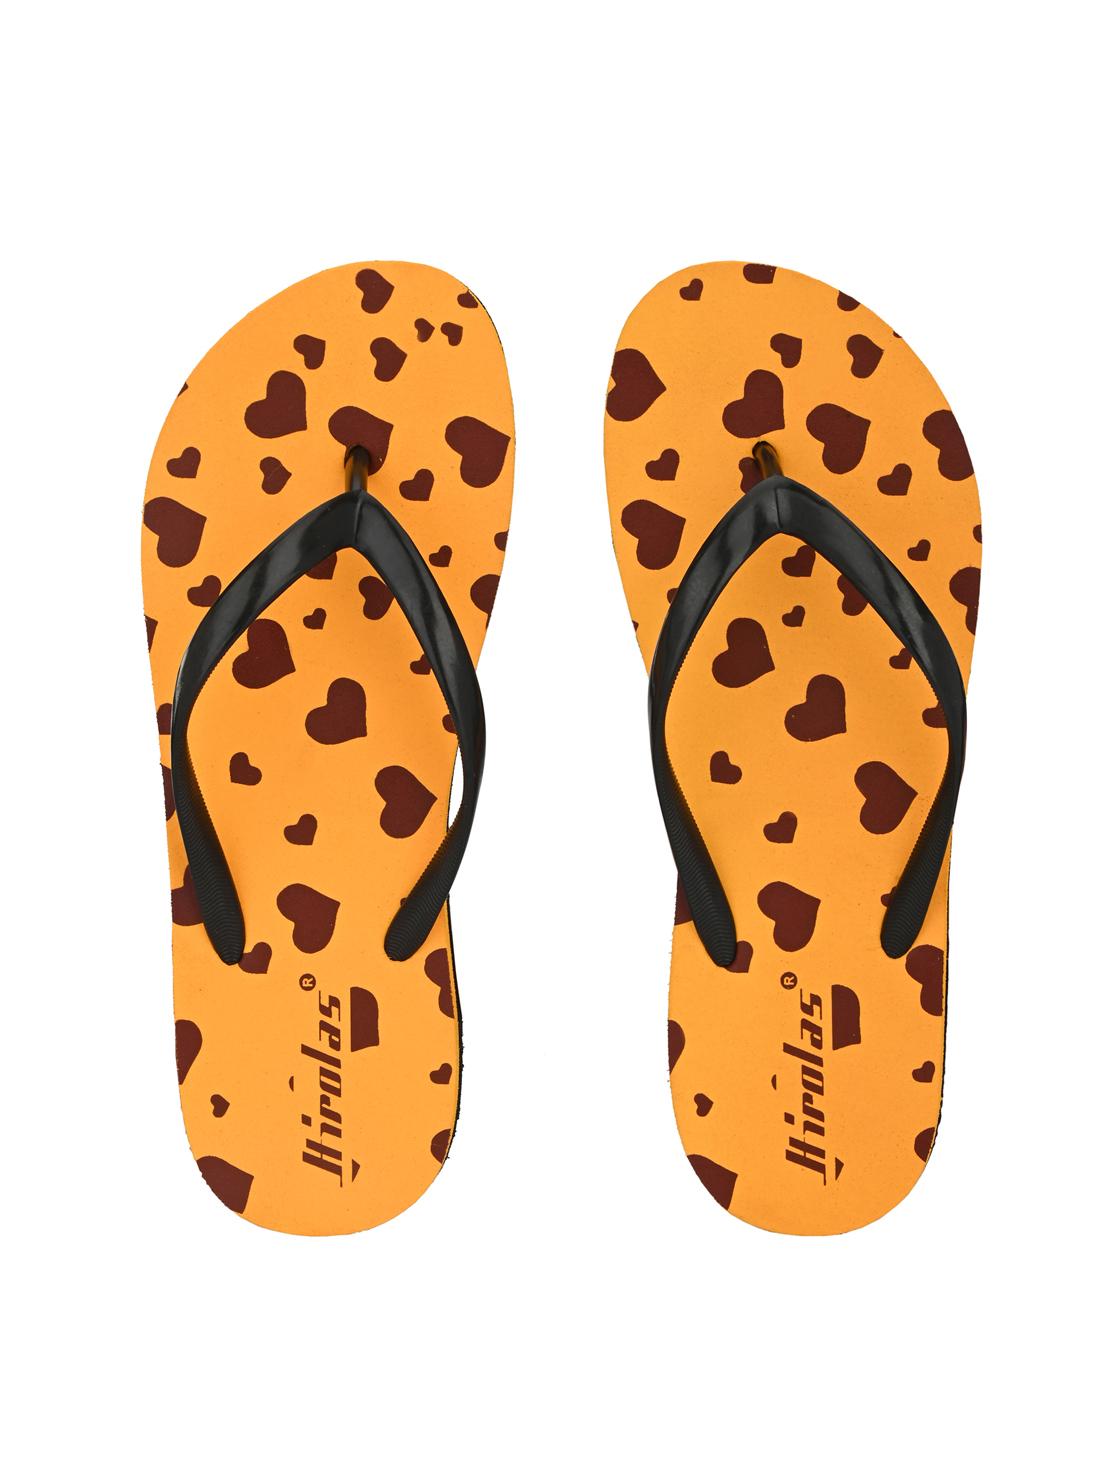 Hirolas | Hirolas® Mustard Flip Flop  Slippers for Women